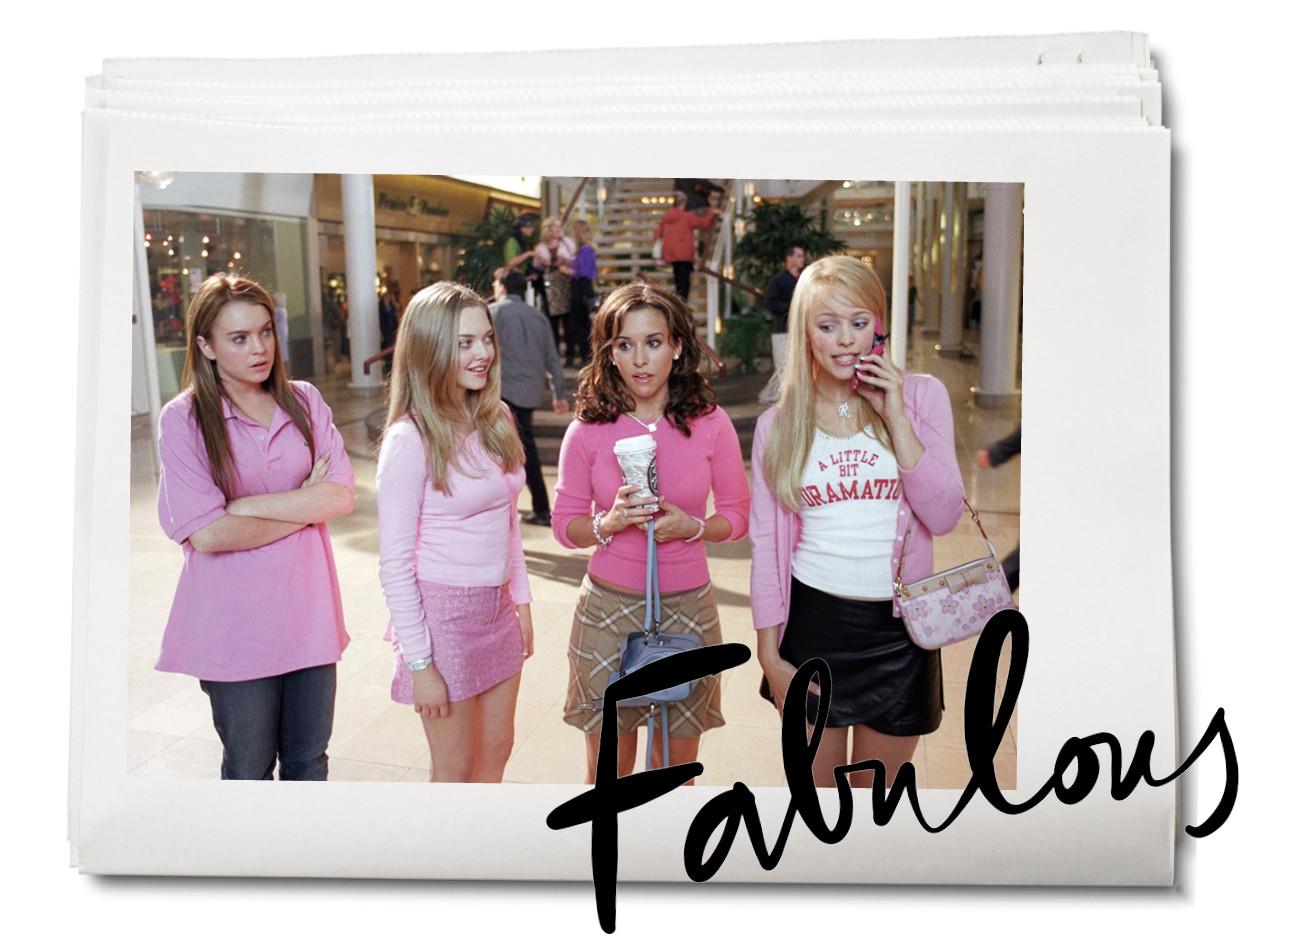 3 meiden uit de film mean girls